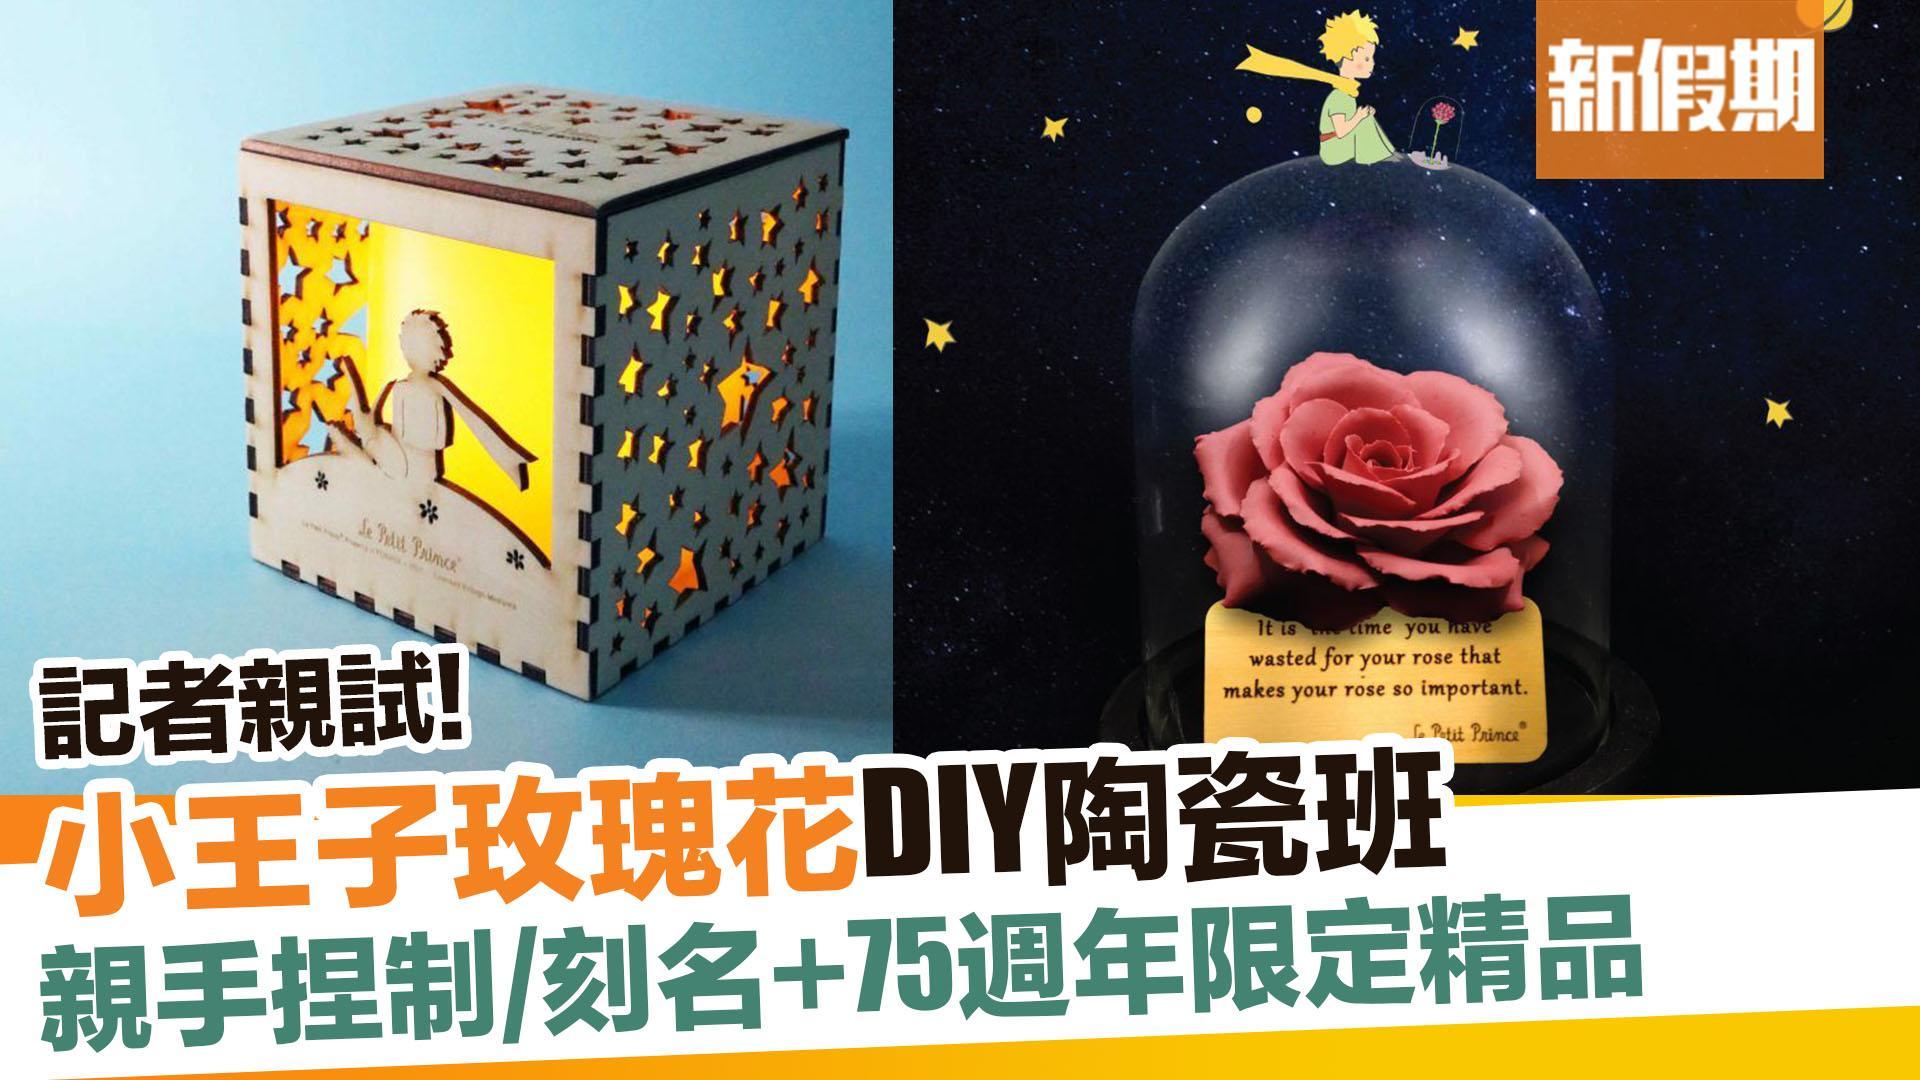 【香港好去處】小王子玫瑰陶藝班試玩! 新假期